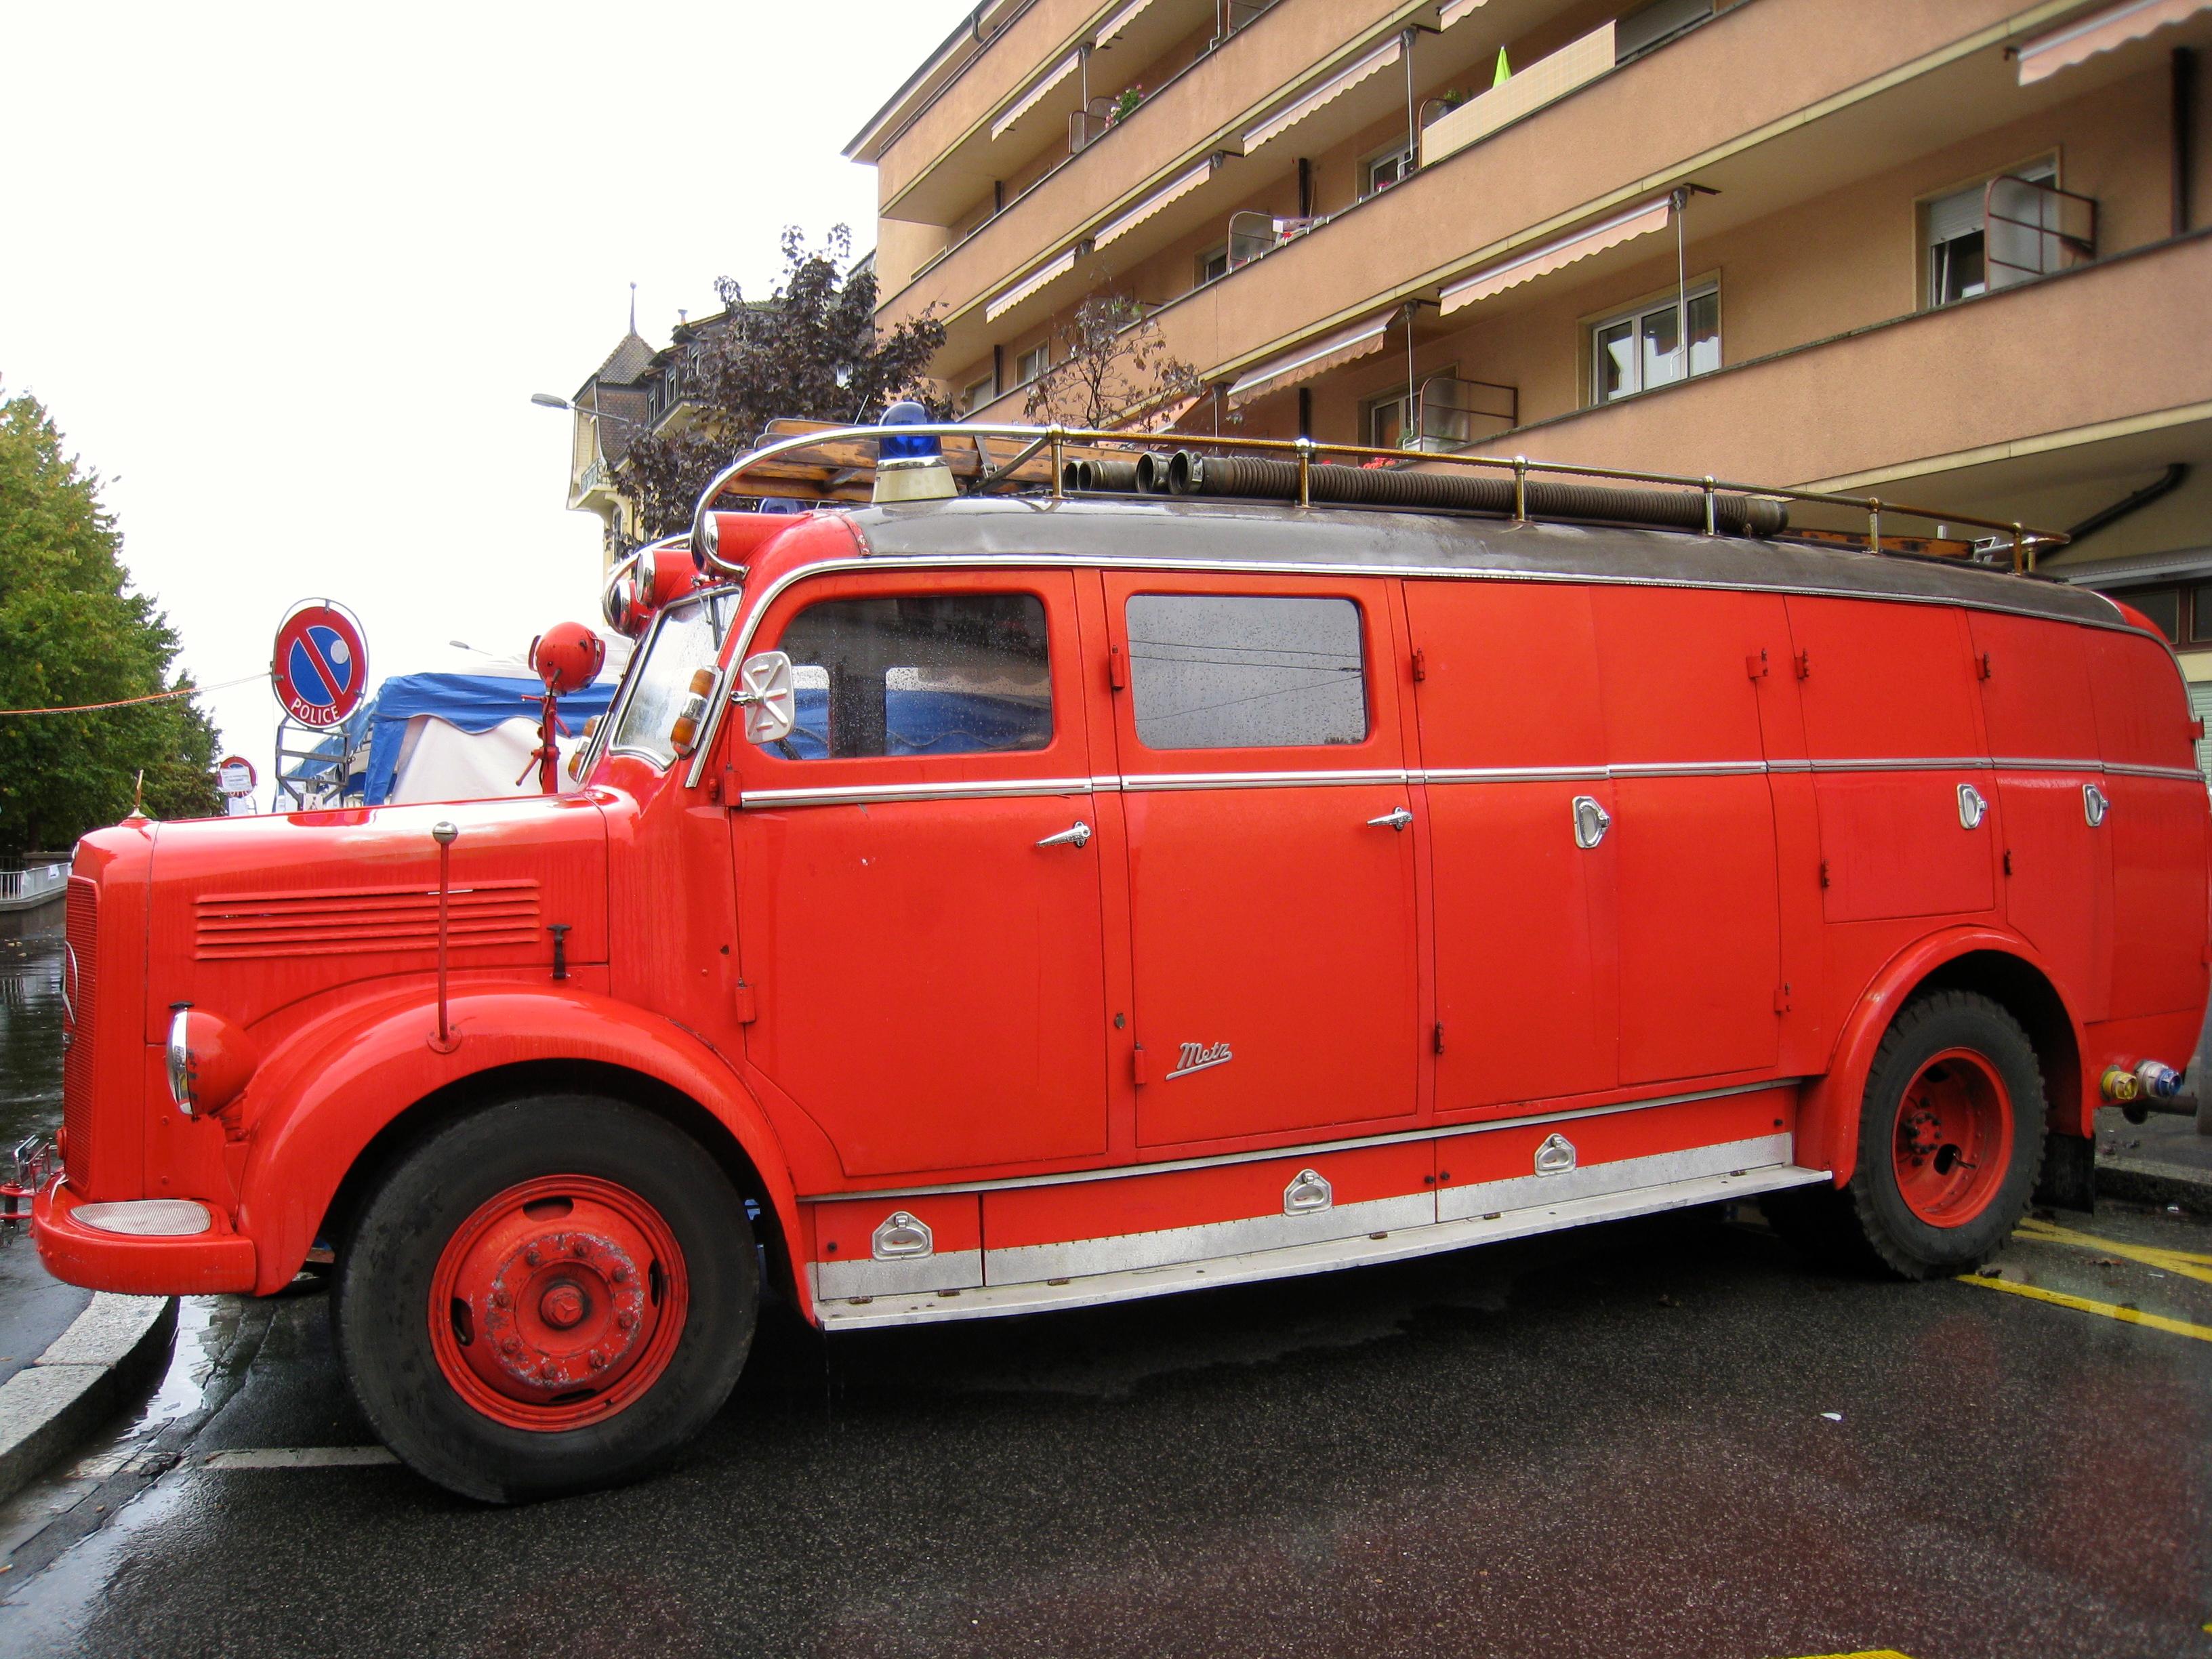 vehicule de pompier free vsav vhicule de secours et aux victimes bspp with vehicule de pompier. Black Bedroom Furniture Sets. Home Design Ideas